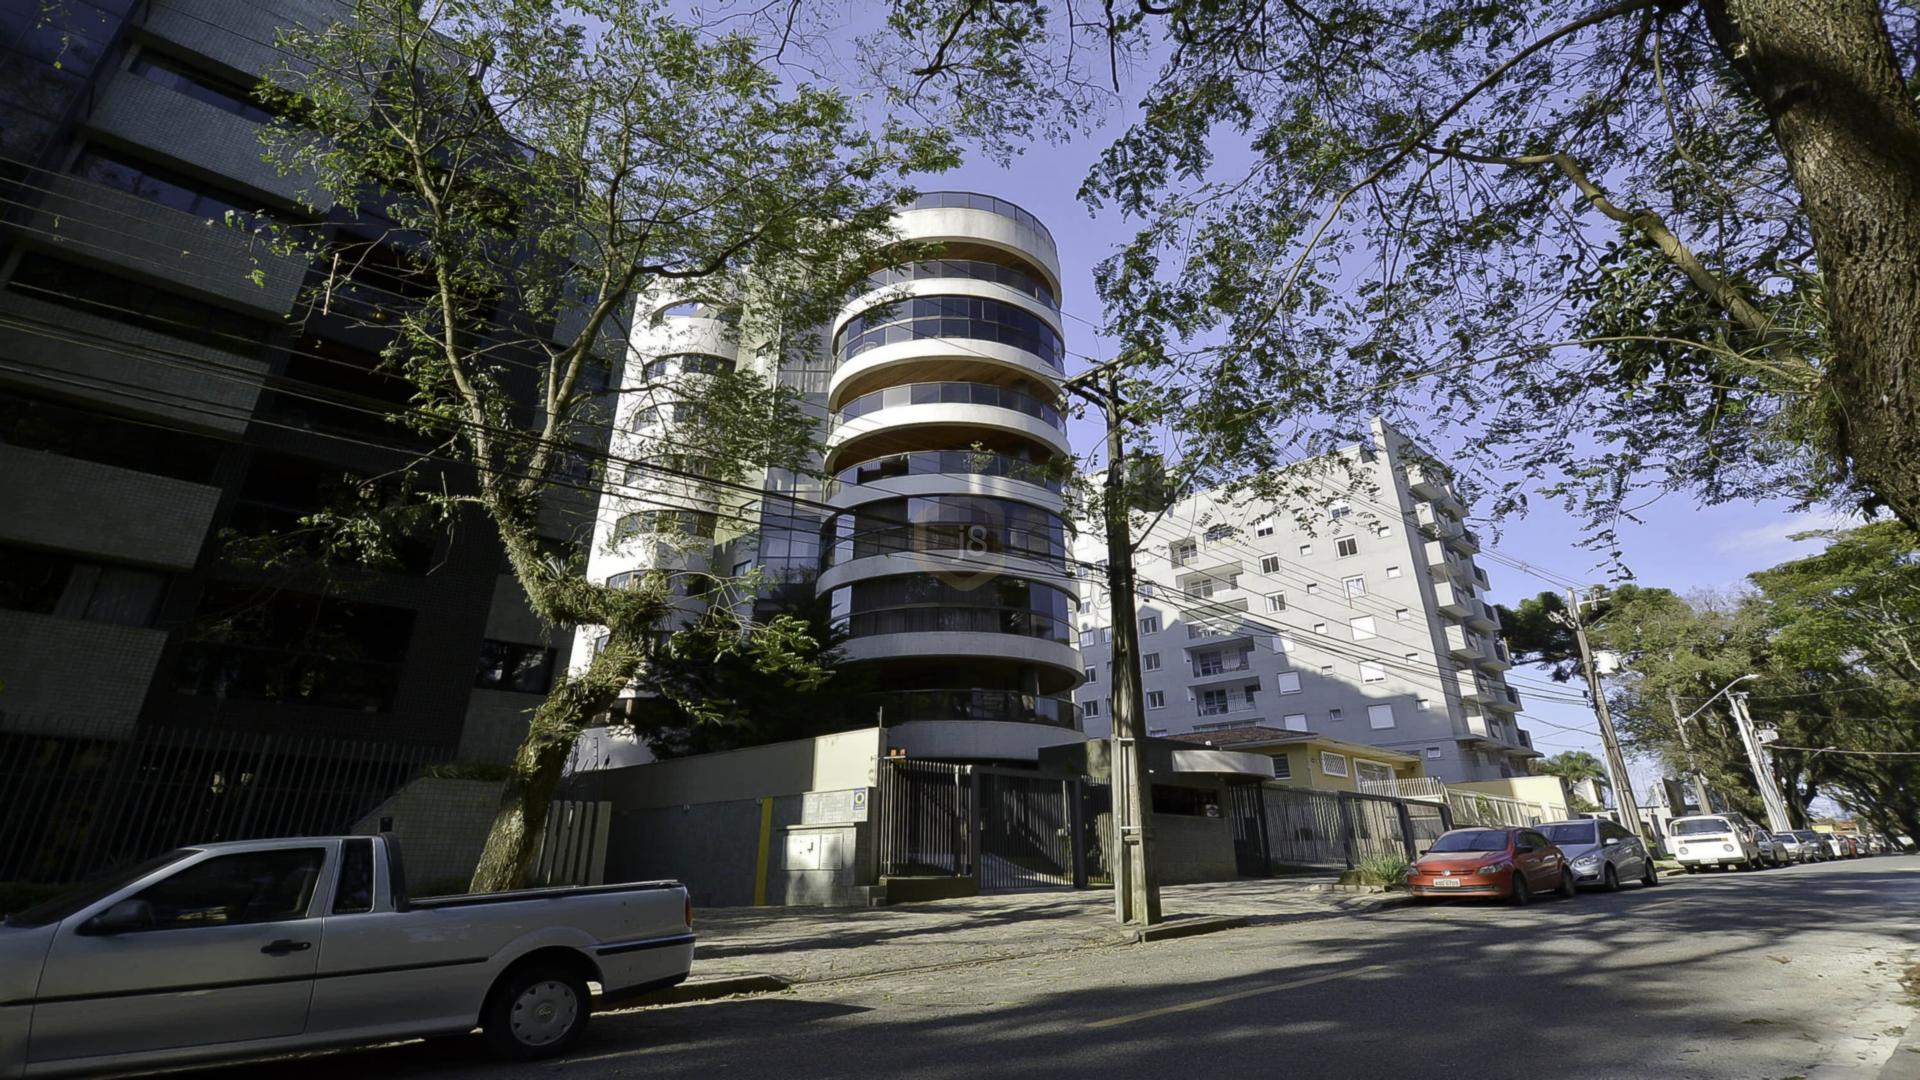 apartamentos em condominio para comprar em curitiba cabral